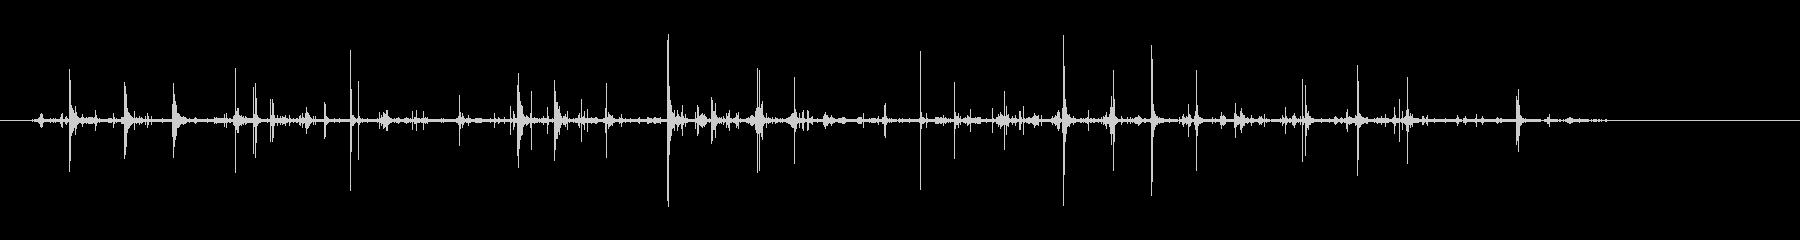 ヒューマンウォークリーブズ-ウォー...の未再生の波形